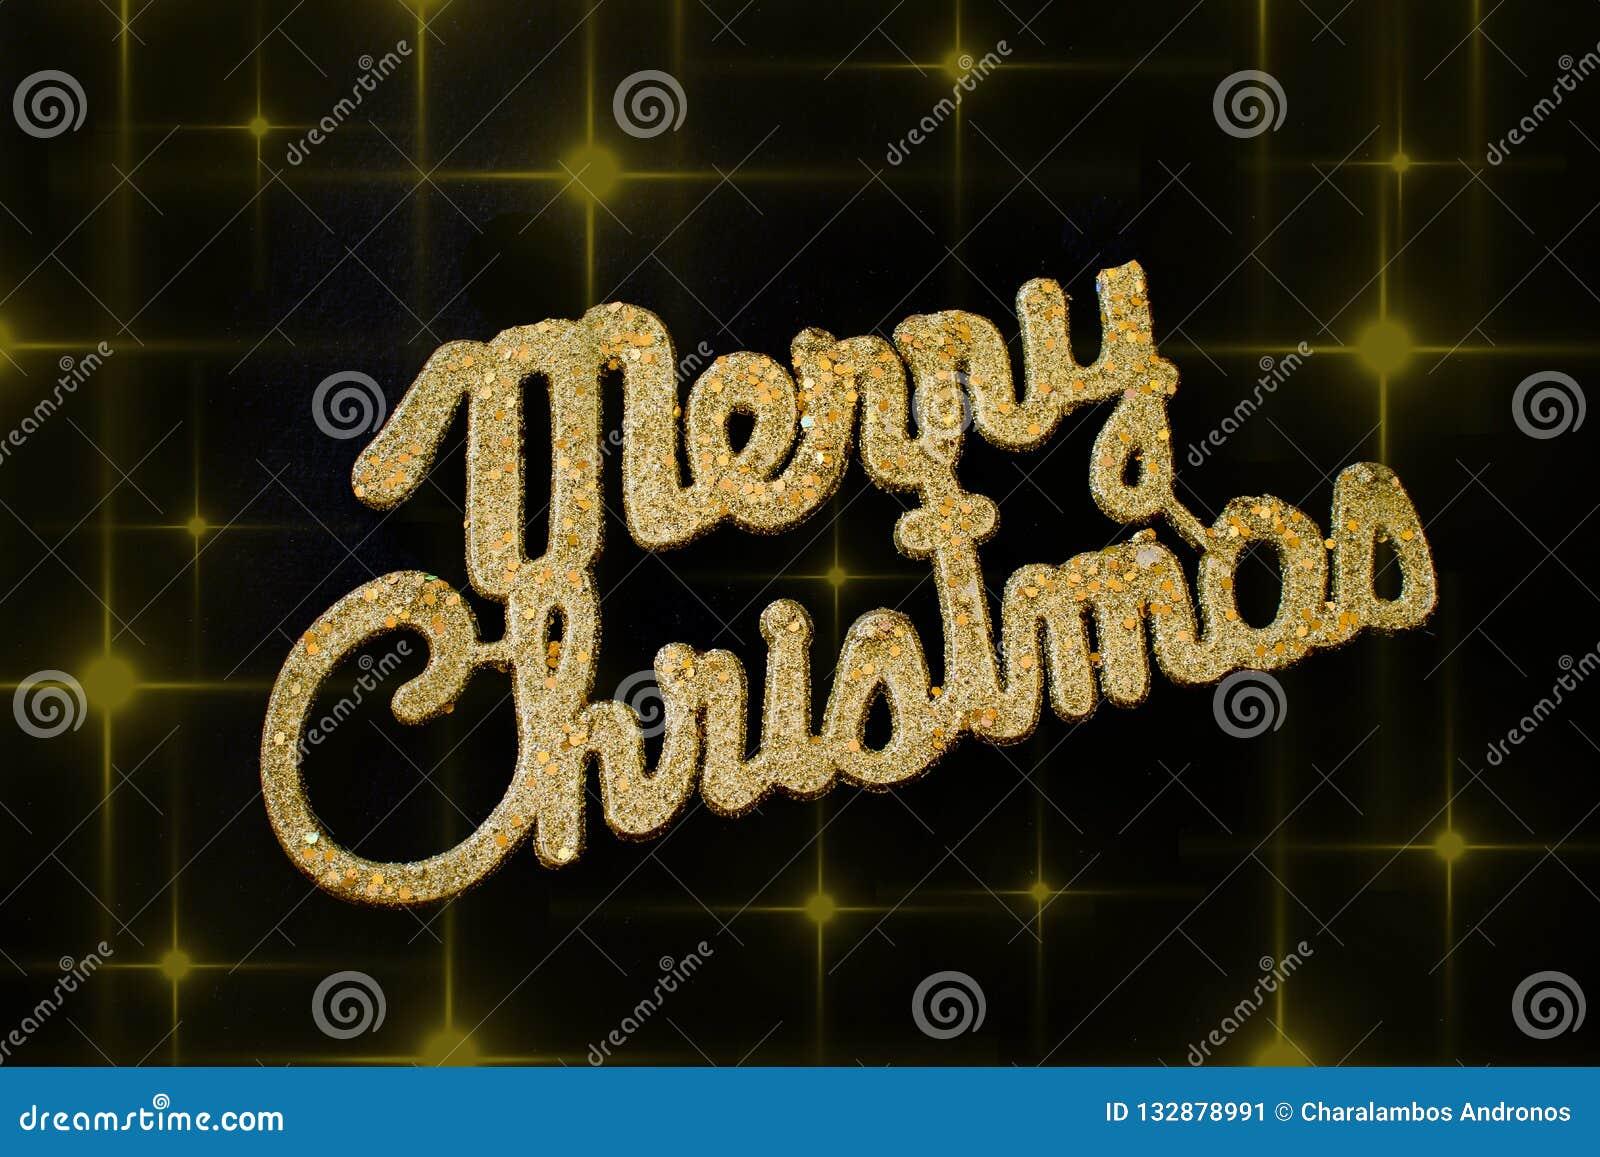 Goldener Text der frohen Weihnachten auf einem schwarzen Hintergrund mit Sternen